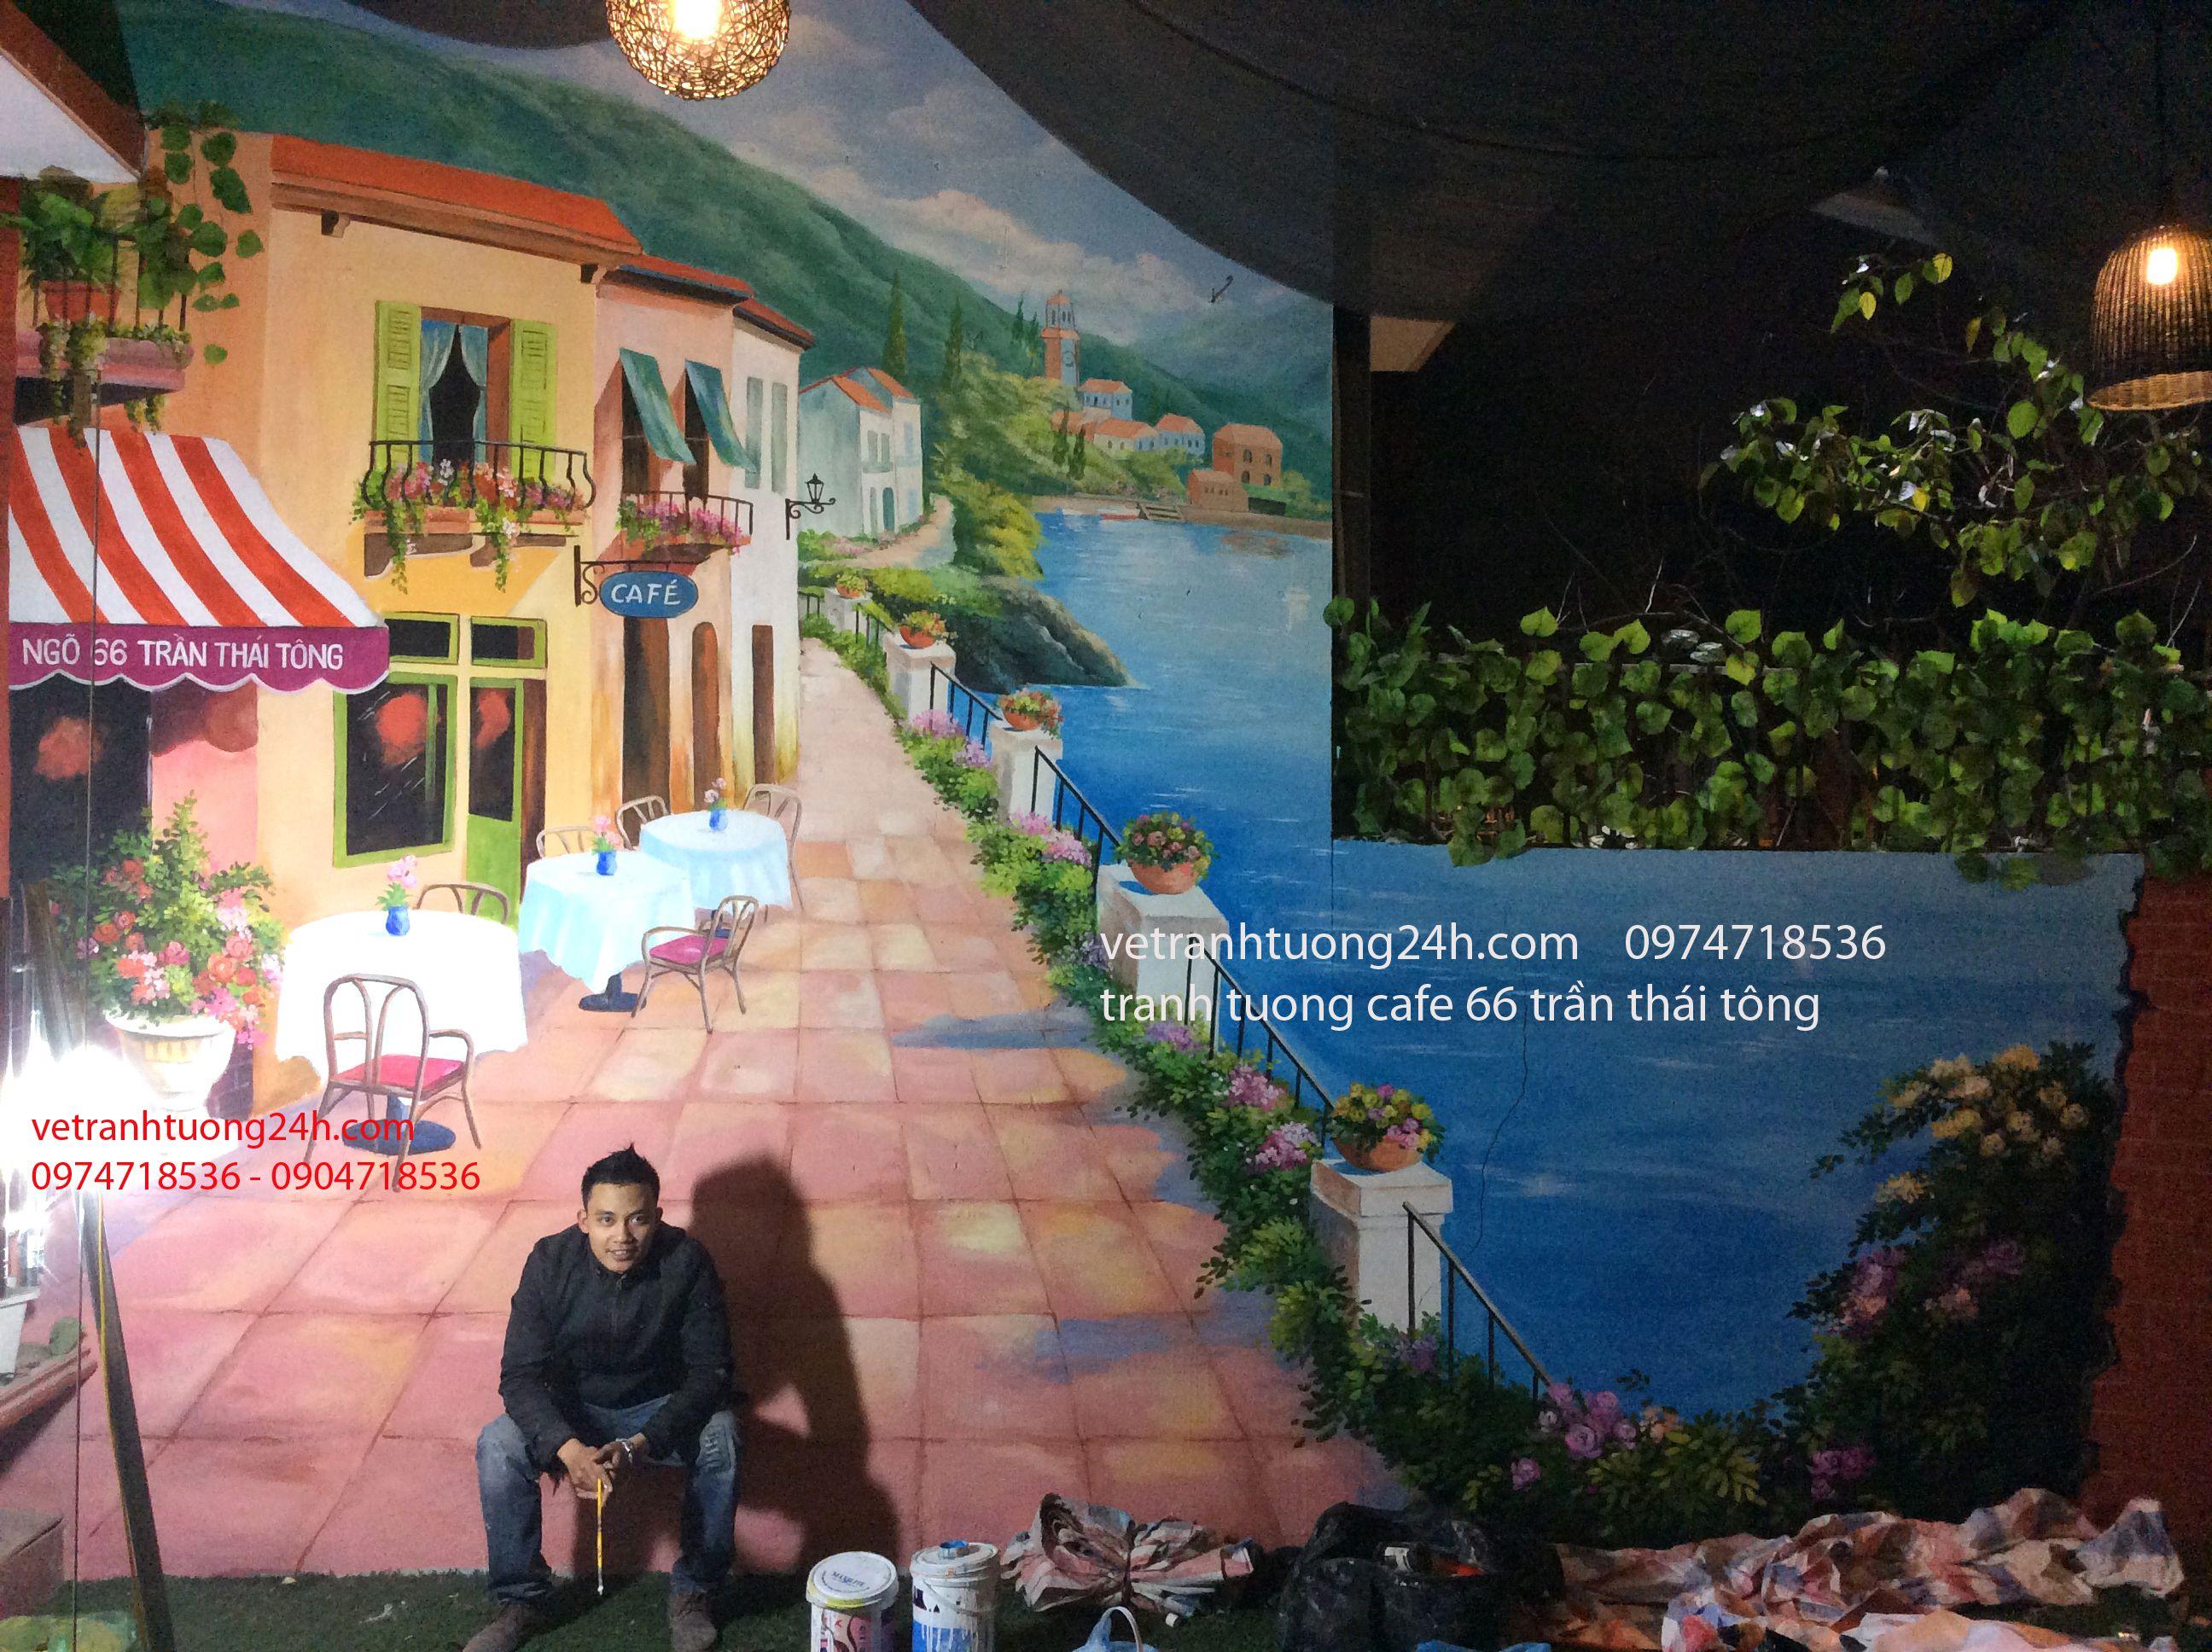 tranh-tuong-3d-cafe-ngo-55-tran-thai-tong-cau-giay-ha-noi-1